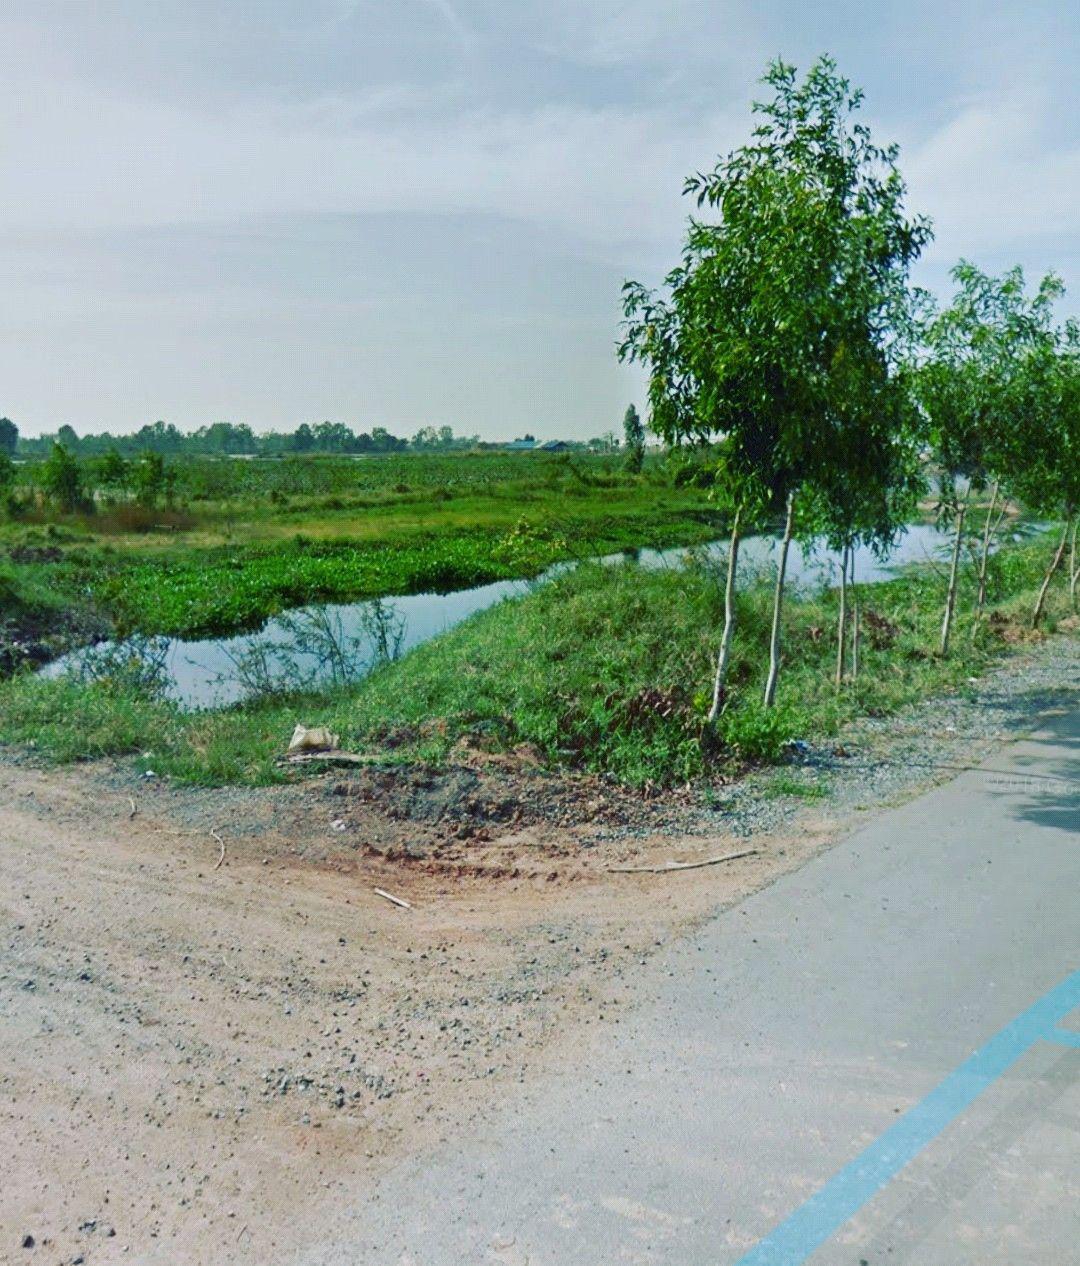 土地出售 Senkok区,金边,柬埔寨- S-034